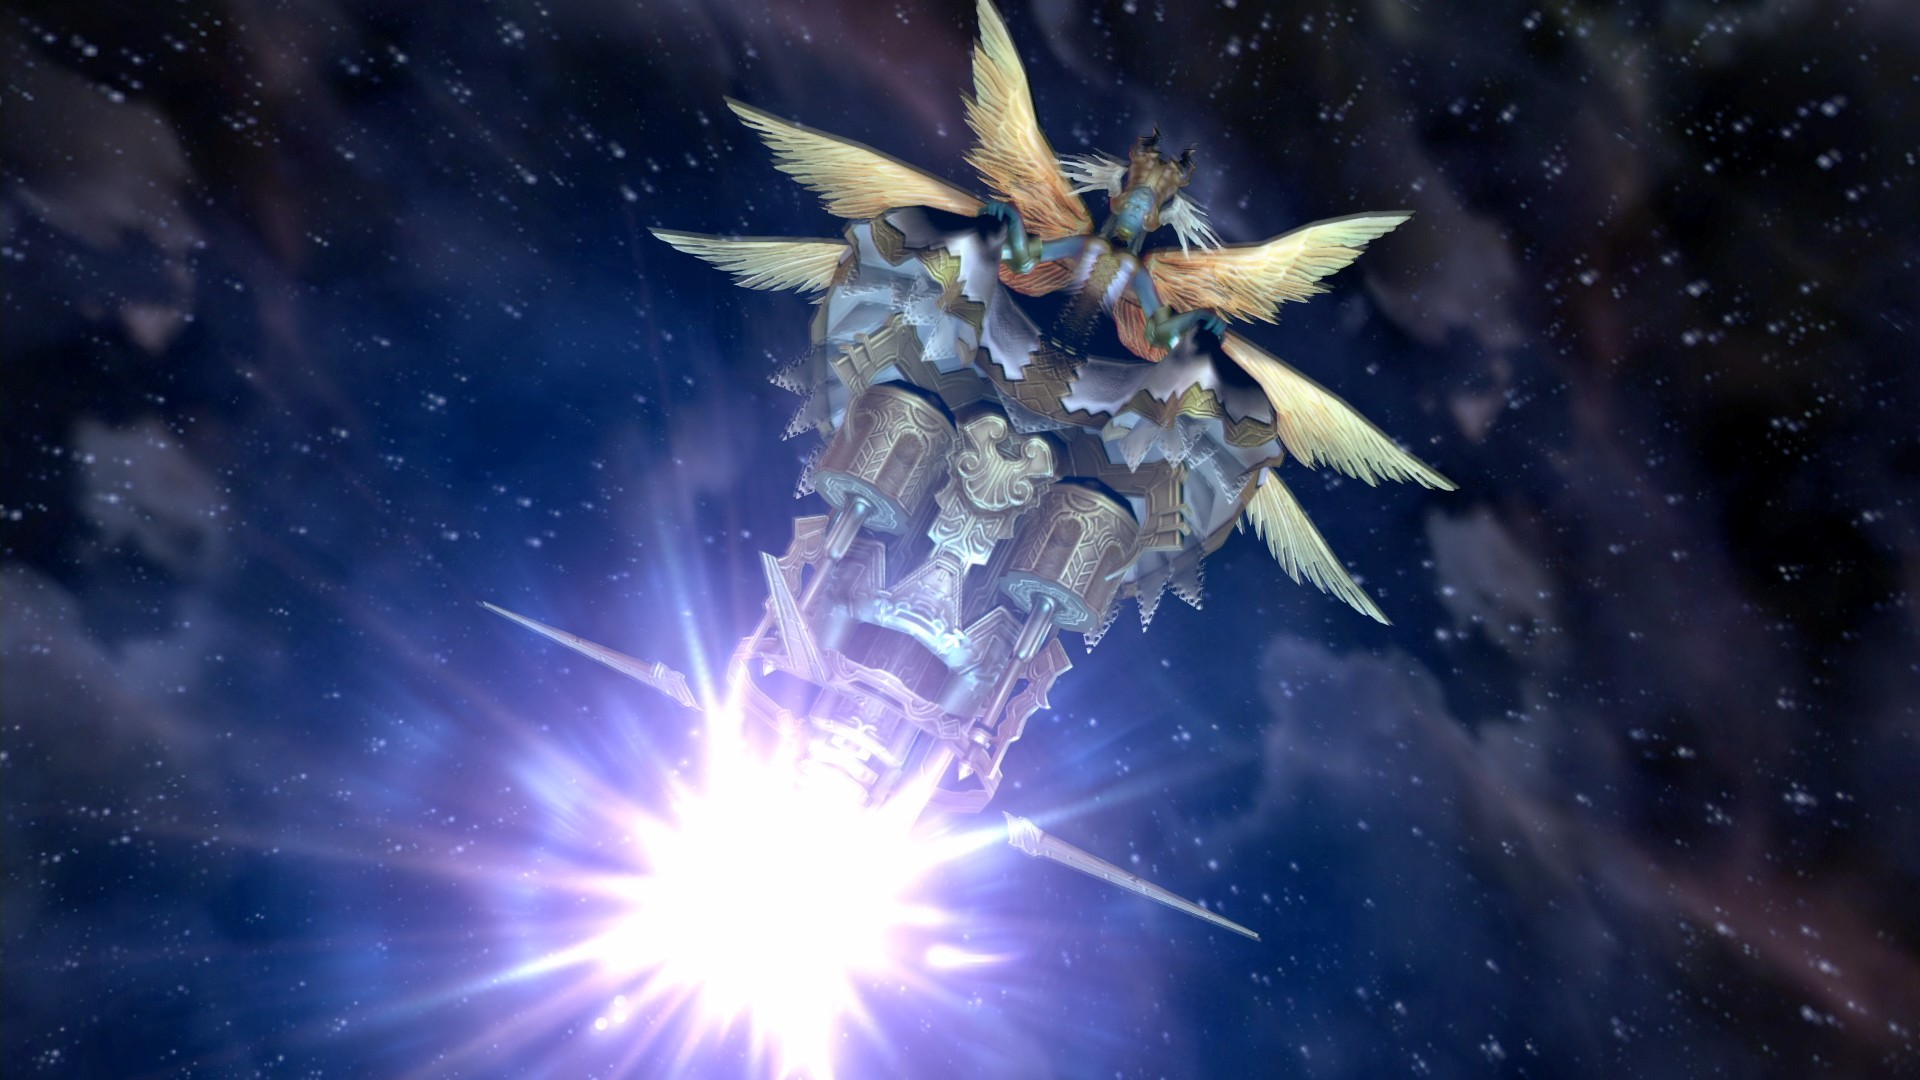 Lov, klany a nepřátelé z Final Fantasy XII: The Zodiac Age na screenshotech 146276